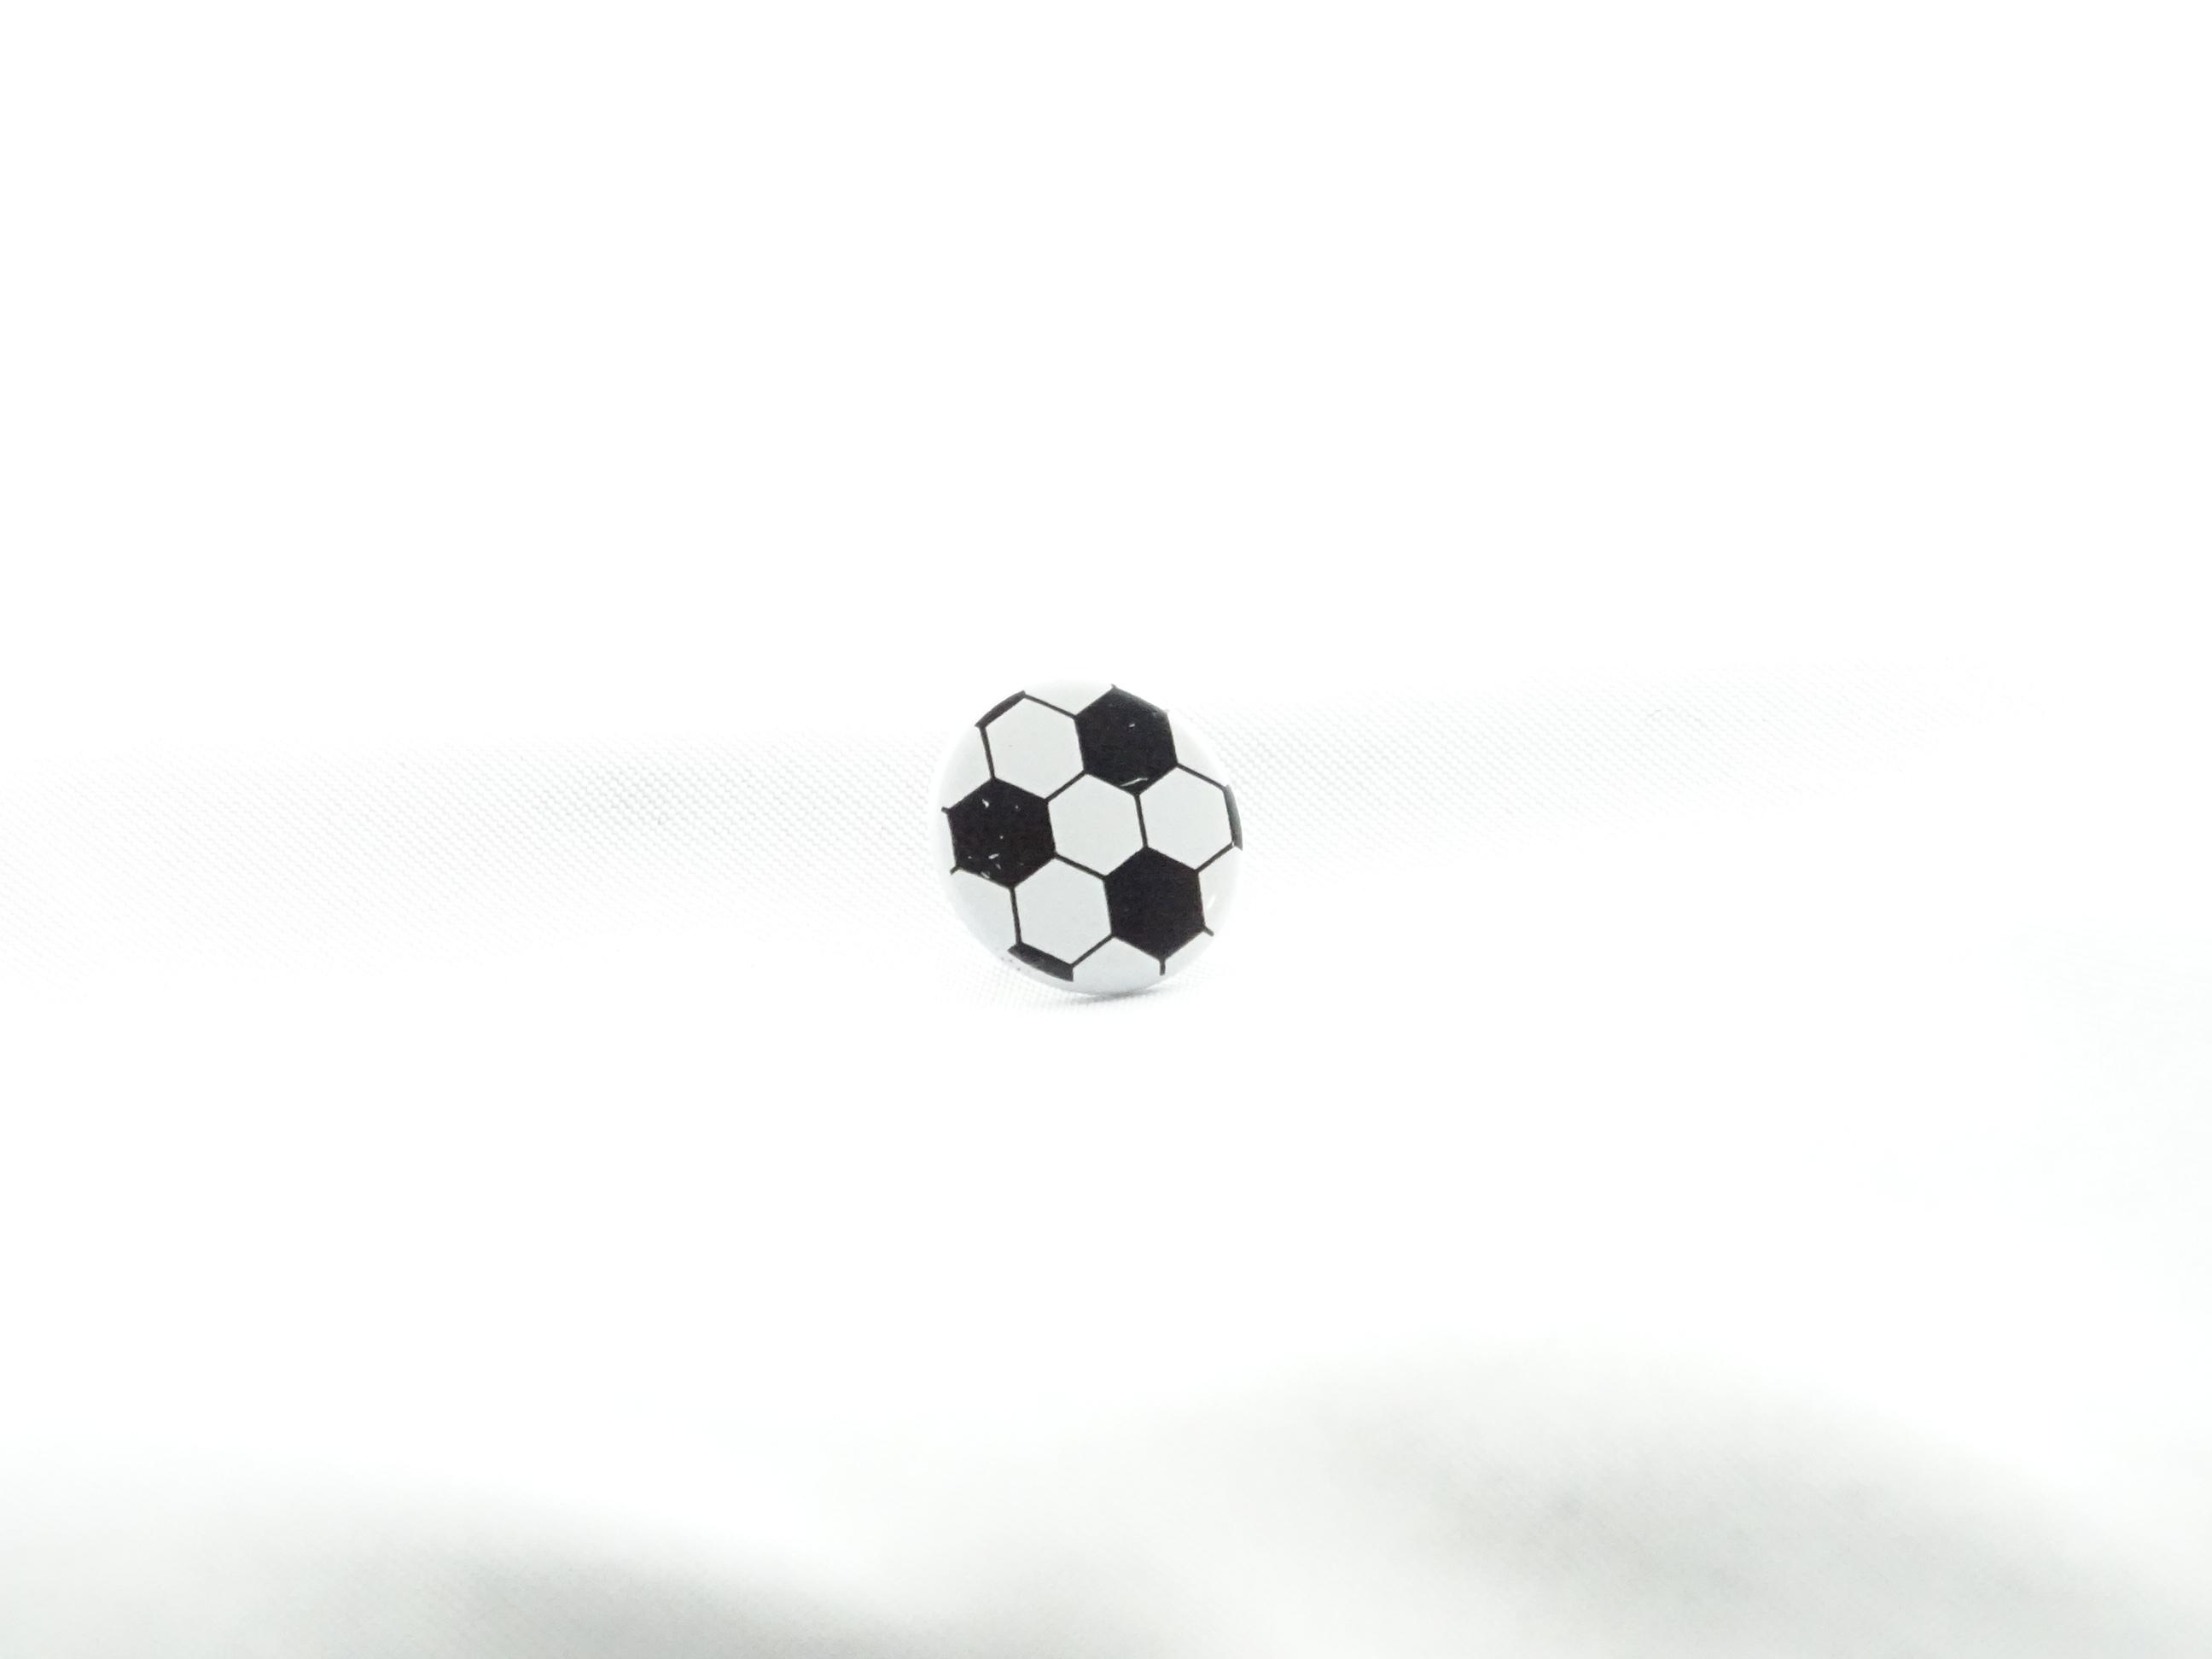 Fussball Druckknopf für kleine und grosse Kicker.